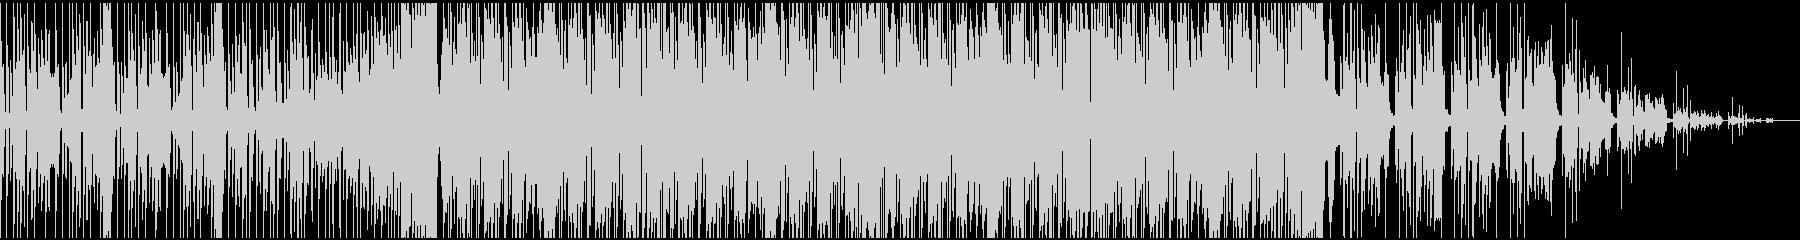 ノリノリなフィルターハウスの未再生の波形